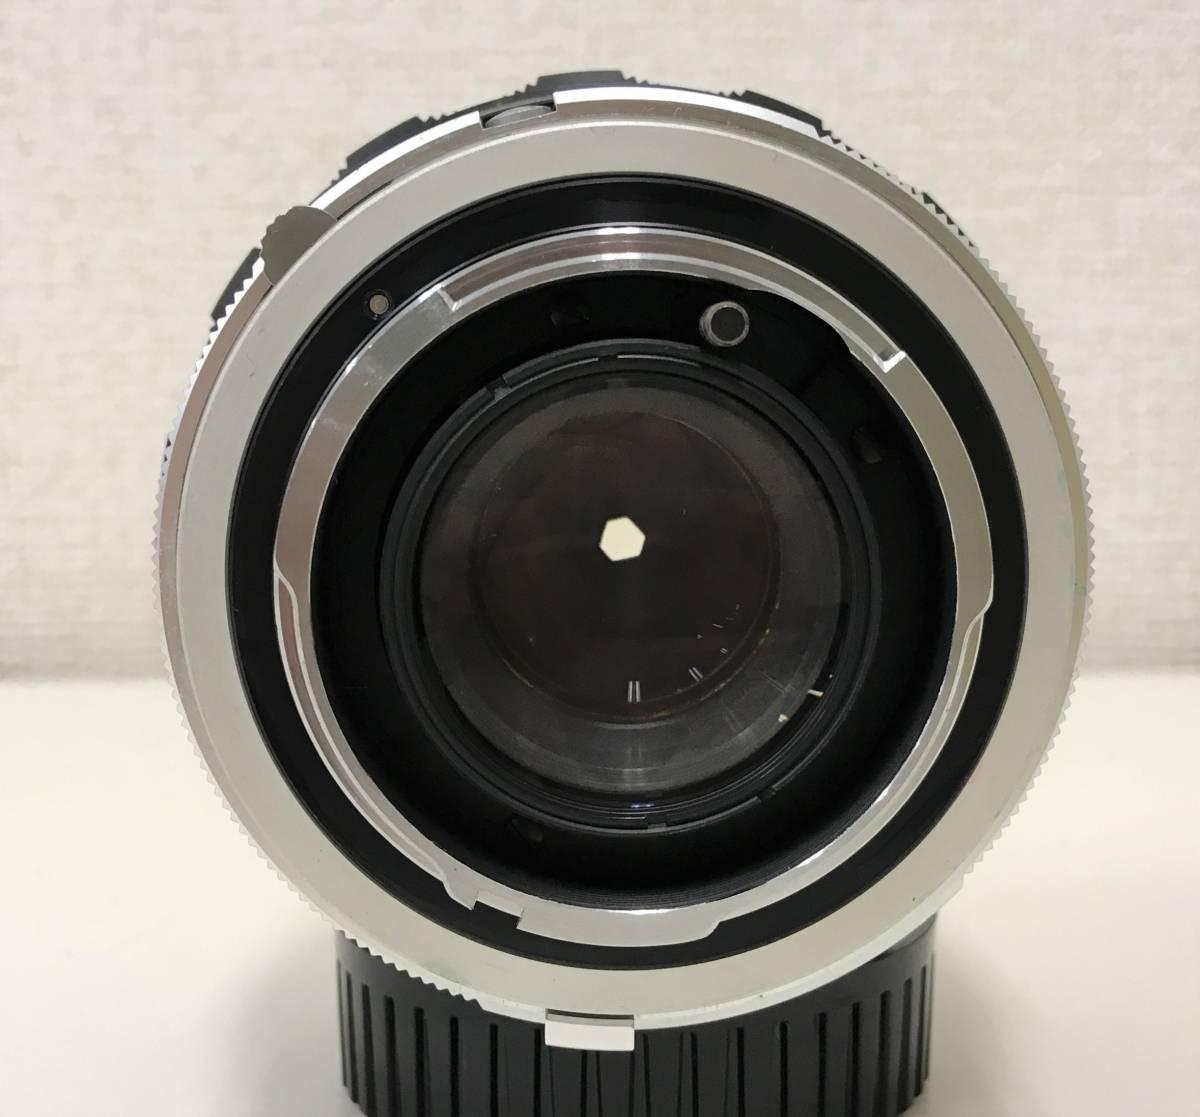 【ミノルタ 魚眼レンズ 1:2.8 F=!6mm】MINOLTA/MC FISH-EYE ROKKOR-OK(1502212)/ケース・キャップ付/A5830_画像6